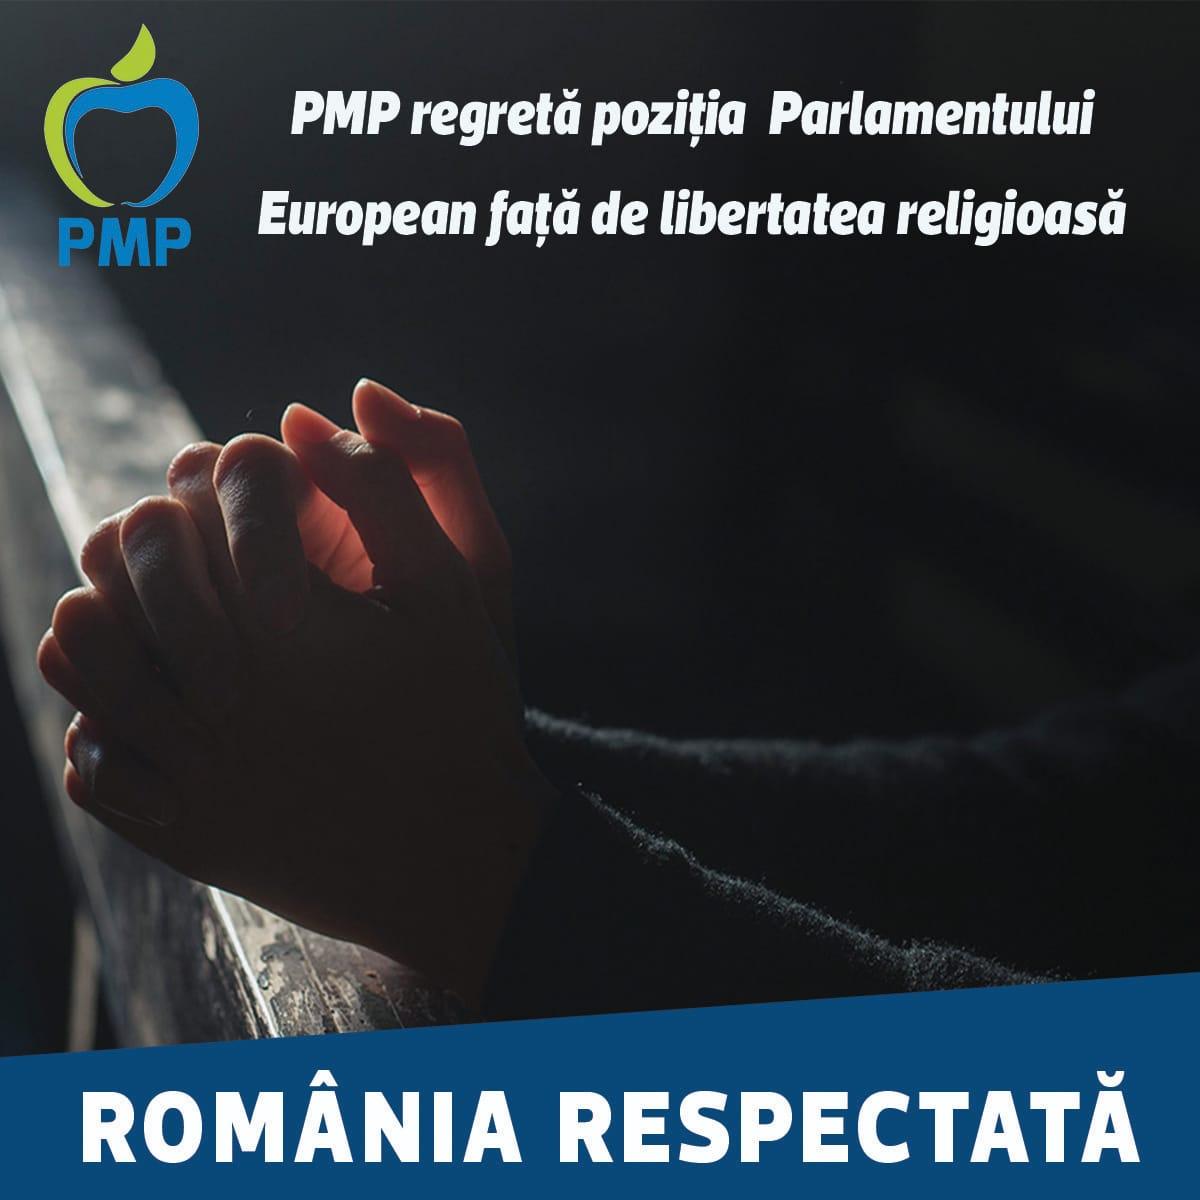 PMP regretă poziția Parlamentului European față de libertatea religioasă